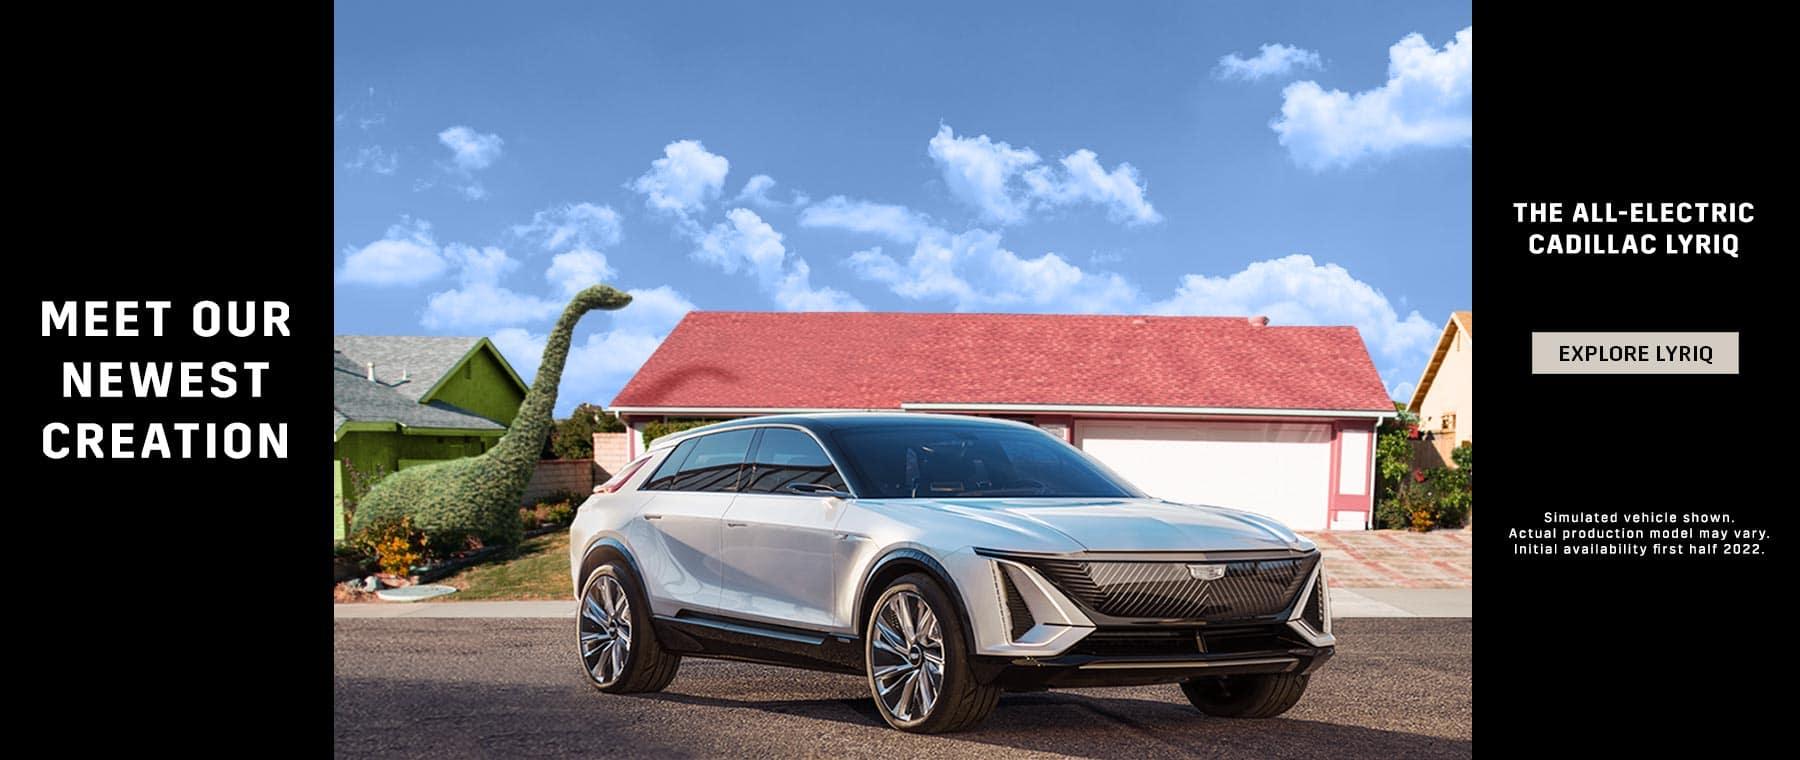 New Cadillac Lyriq